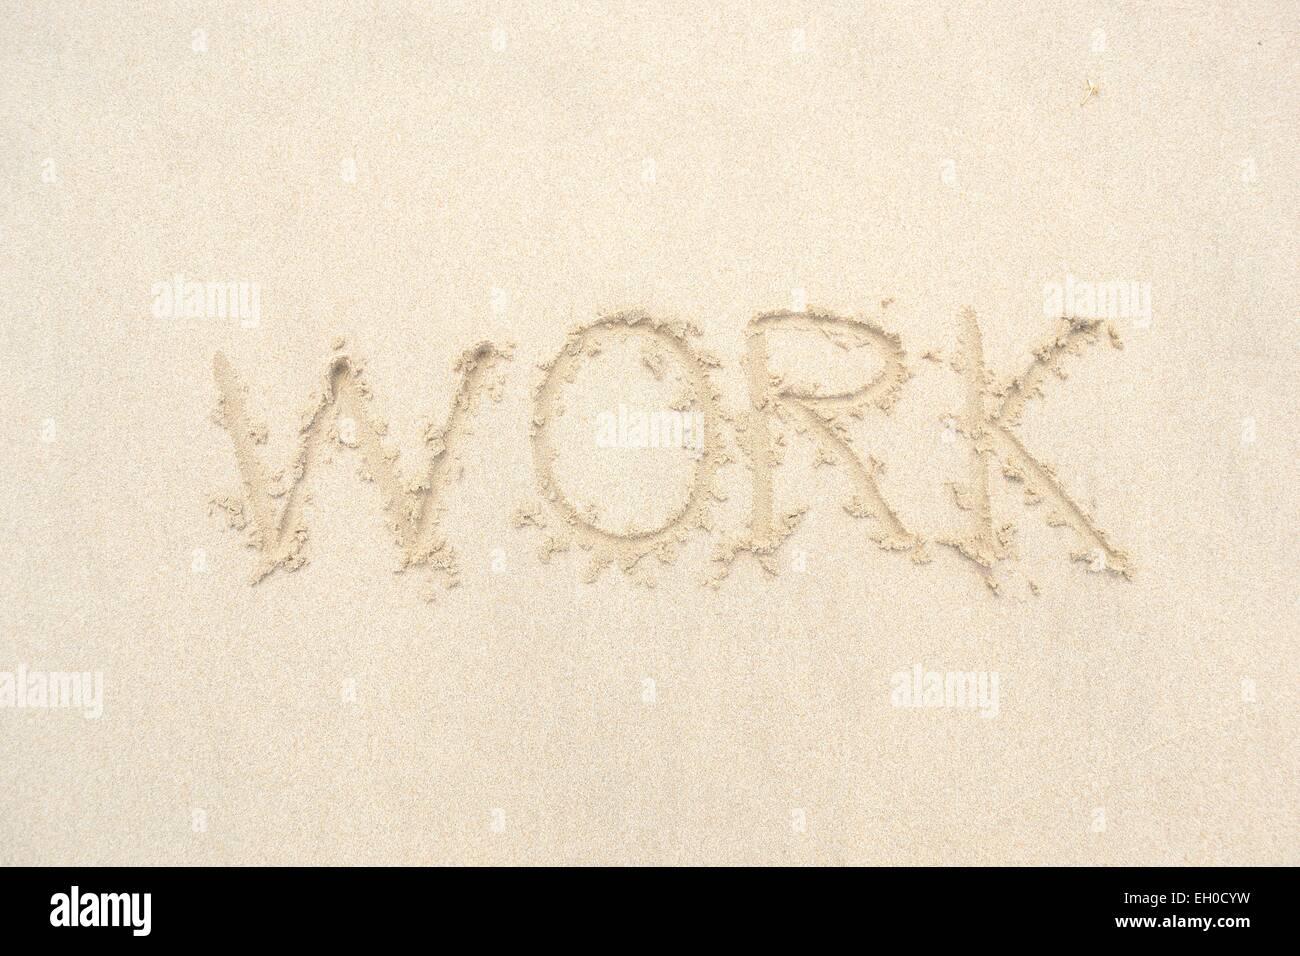 Disegnata a mano di una parola lavoro sulla spiaggia Immagini Stock